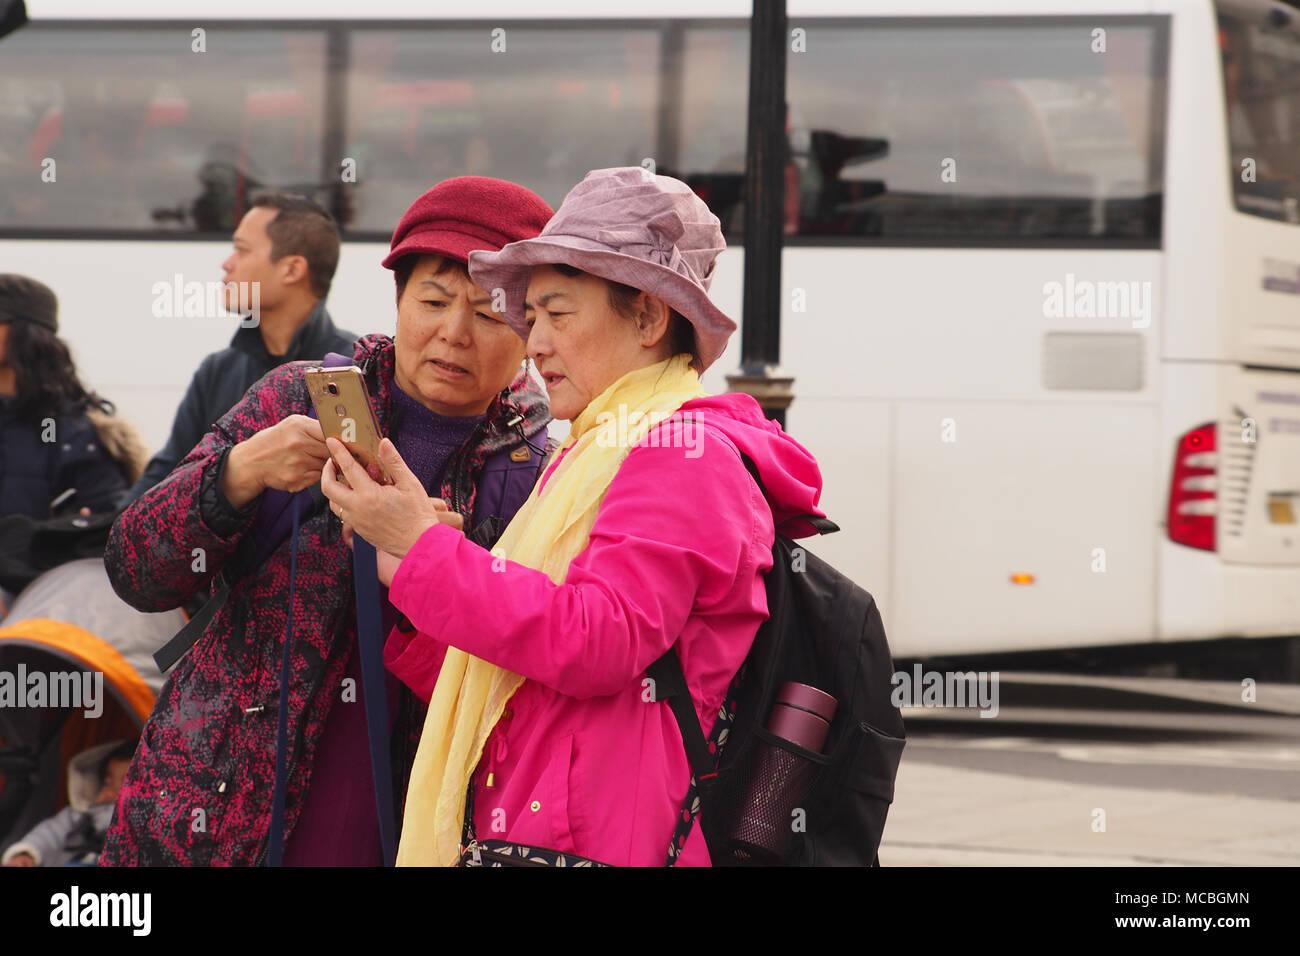 Older women london